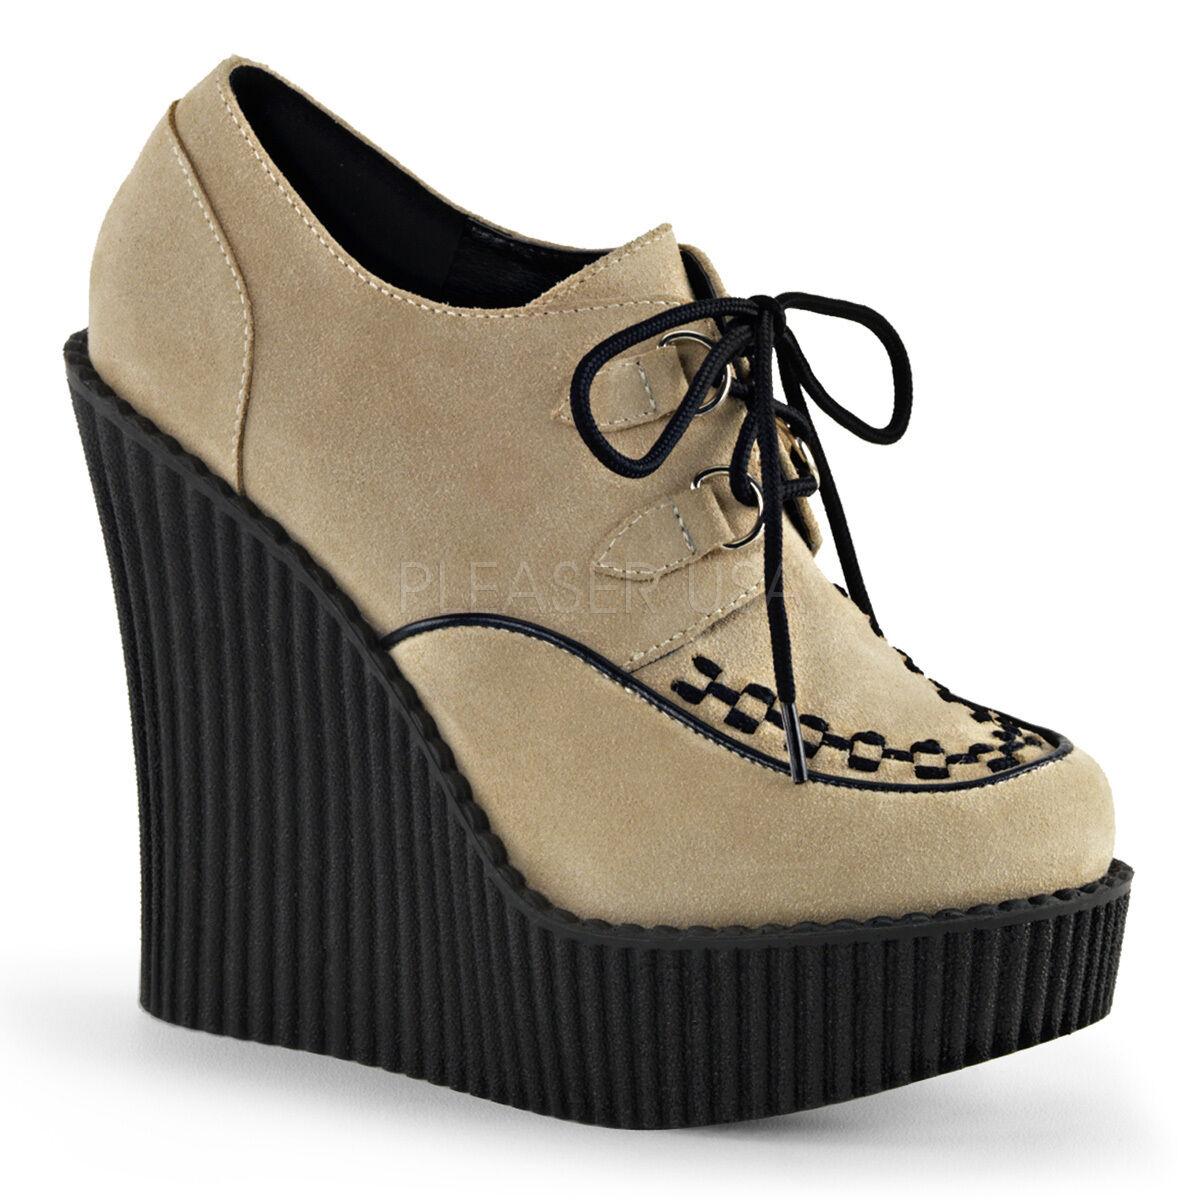 Demonia Creeper 302 Ladies Beige Wedge Platform Vegan Suede Shoes